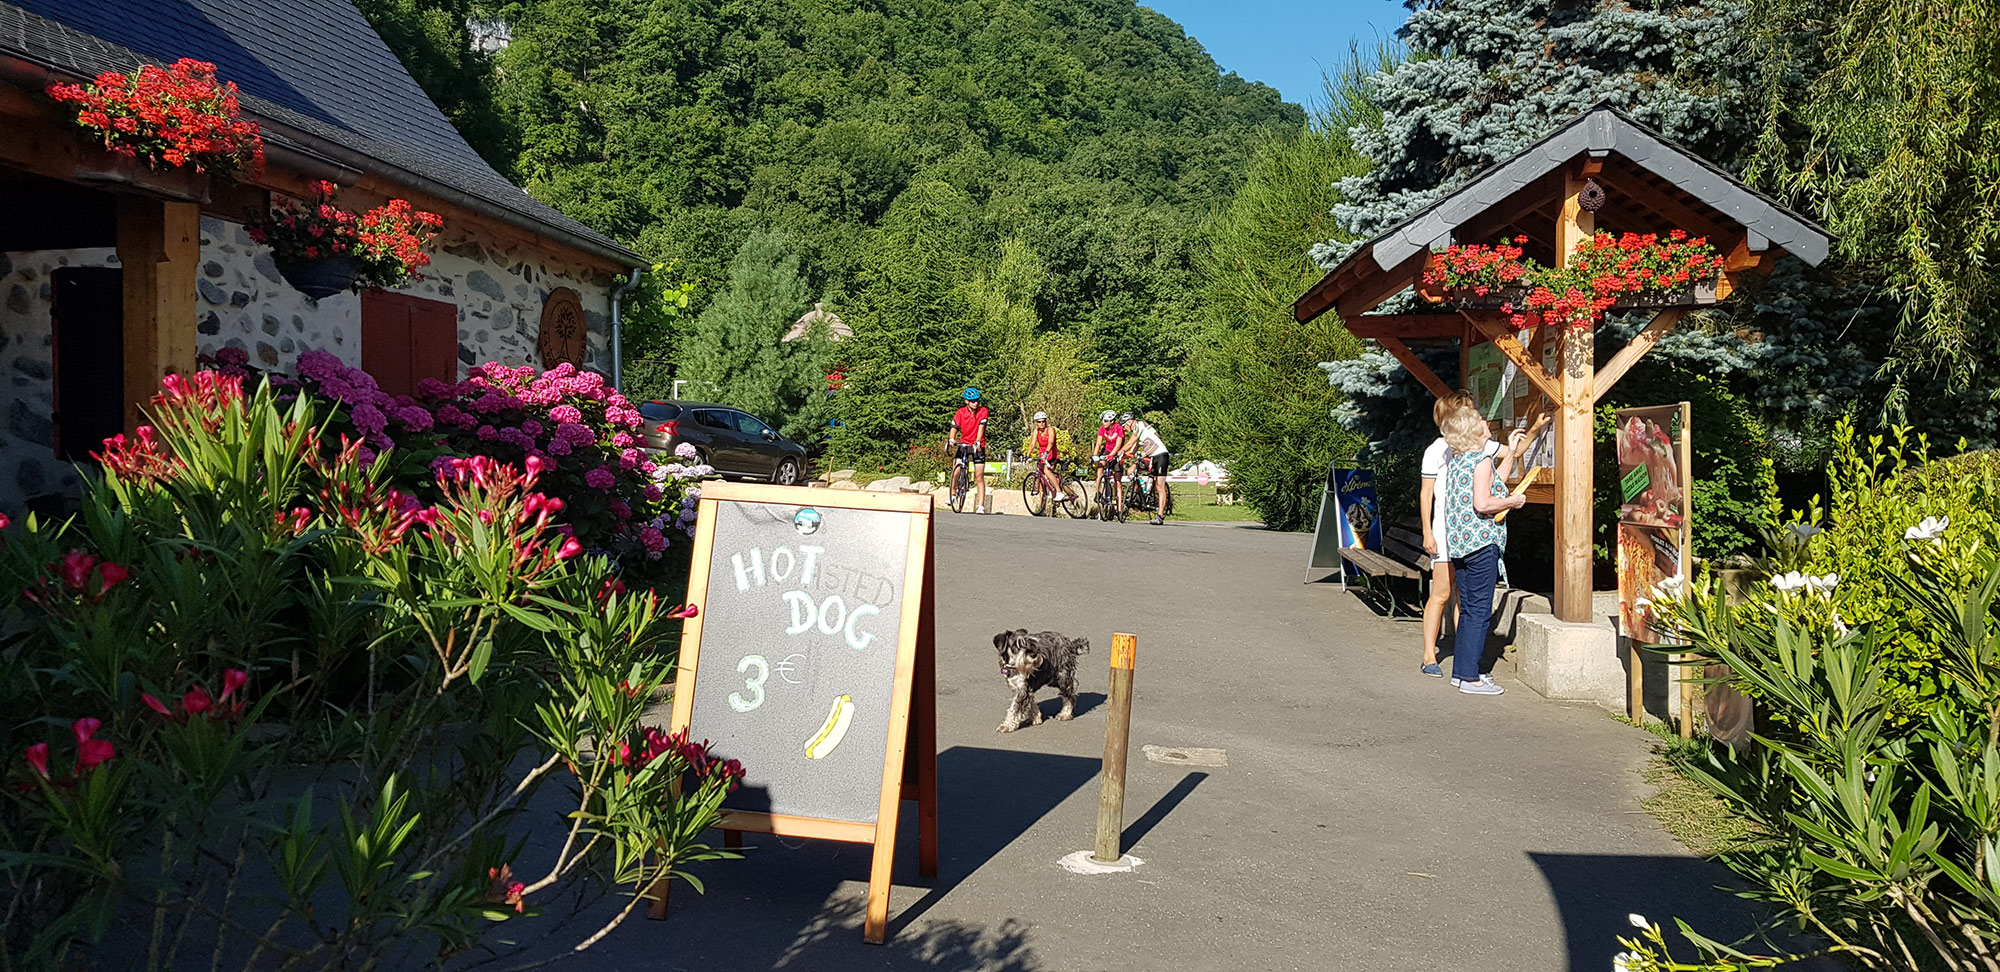 Cheap campsite in Lourdes